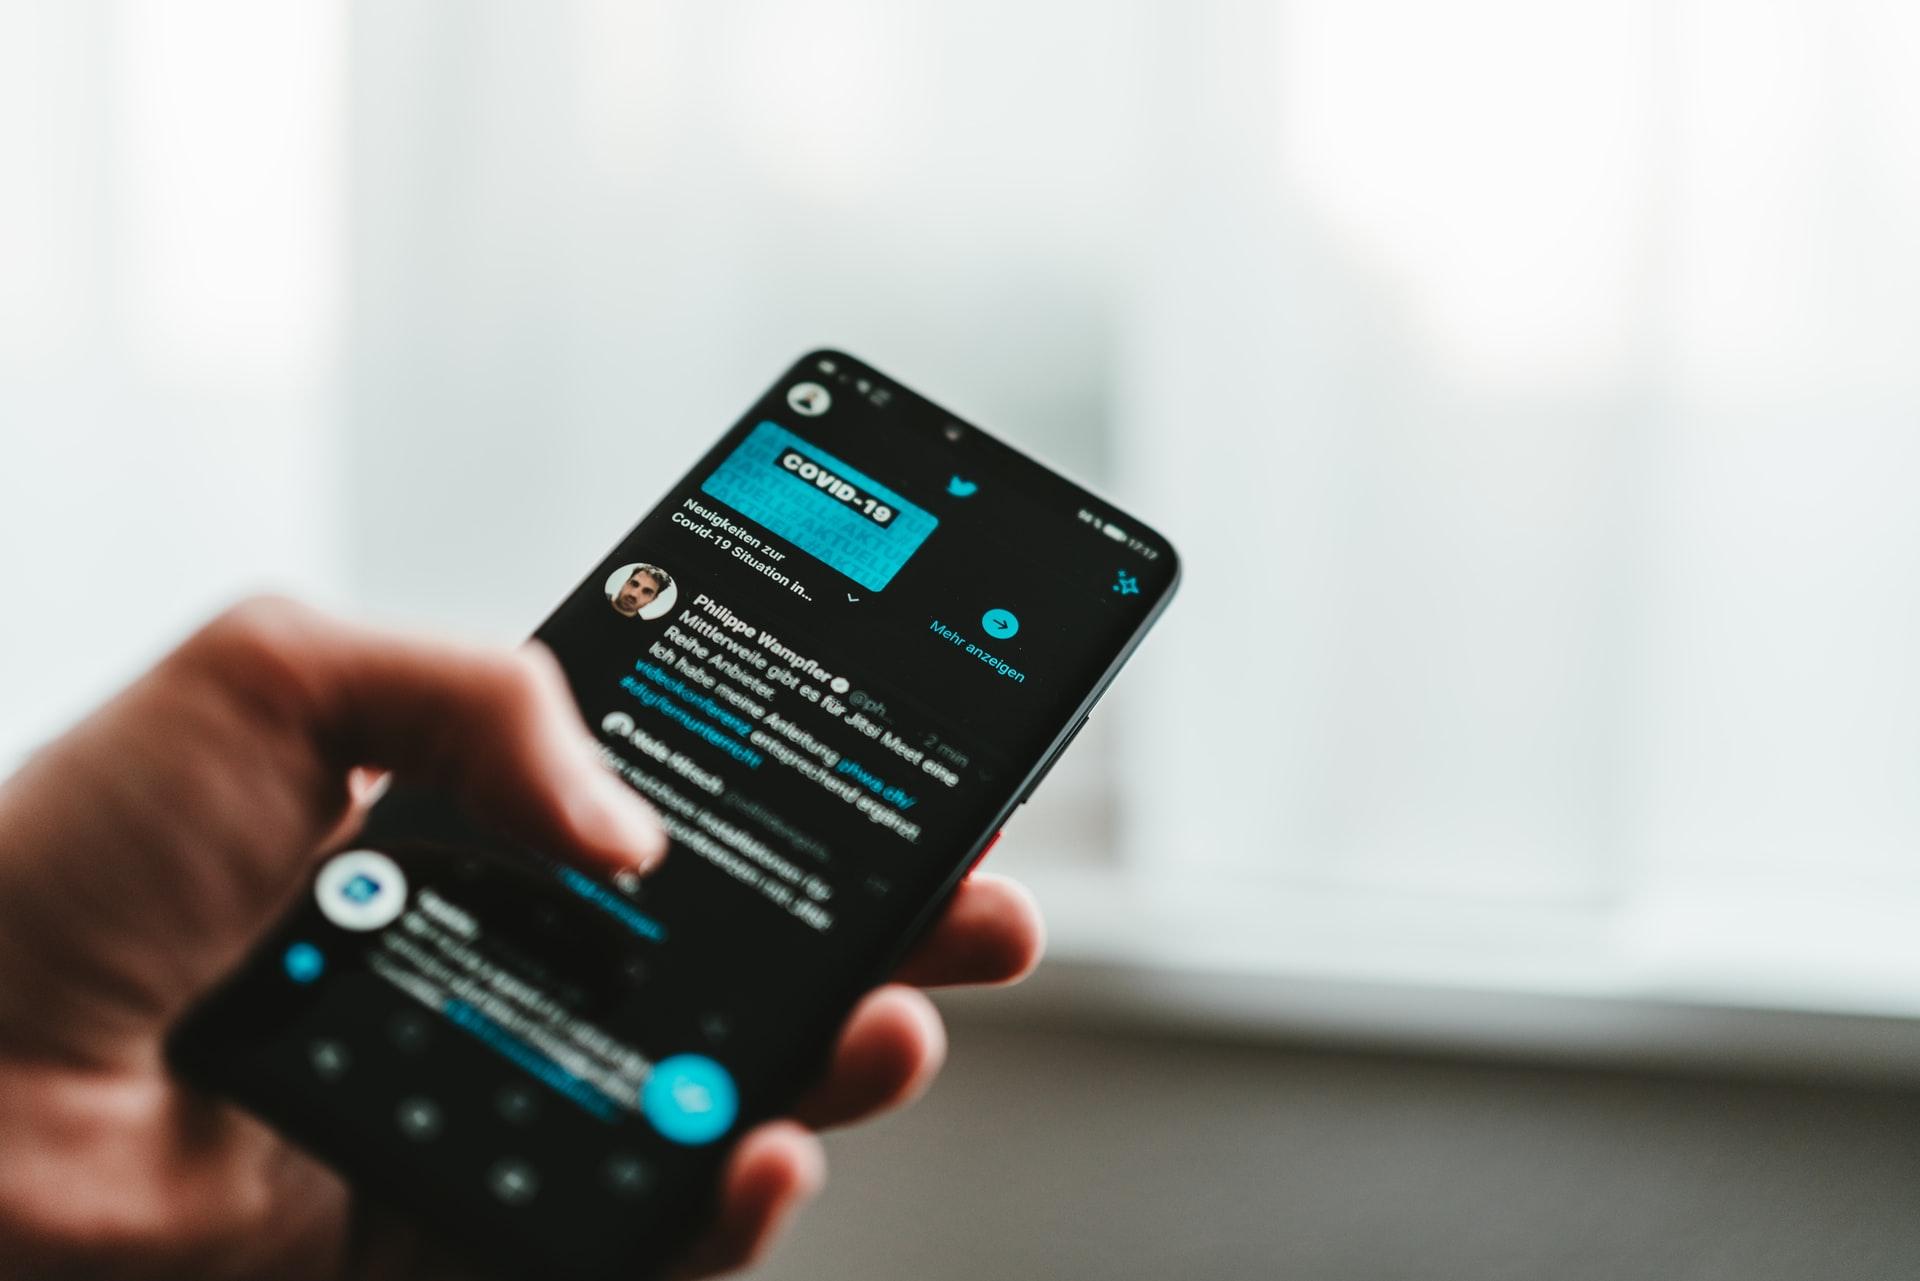 Cara Menghapus Tweet Lama di Twitter